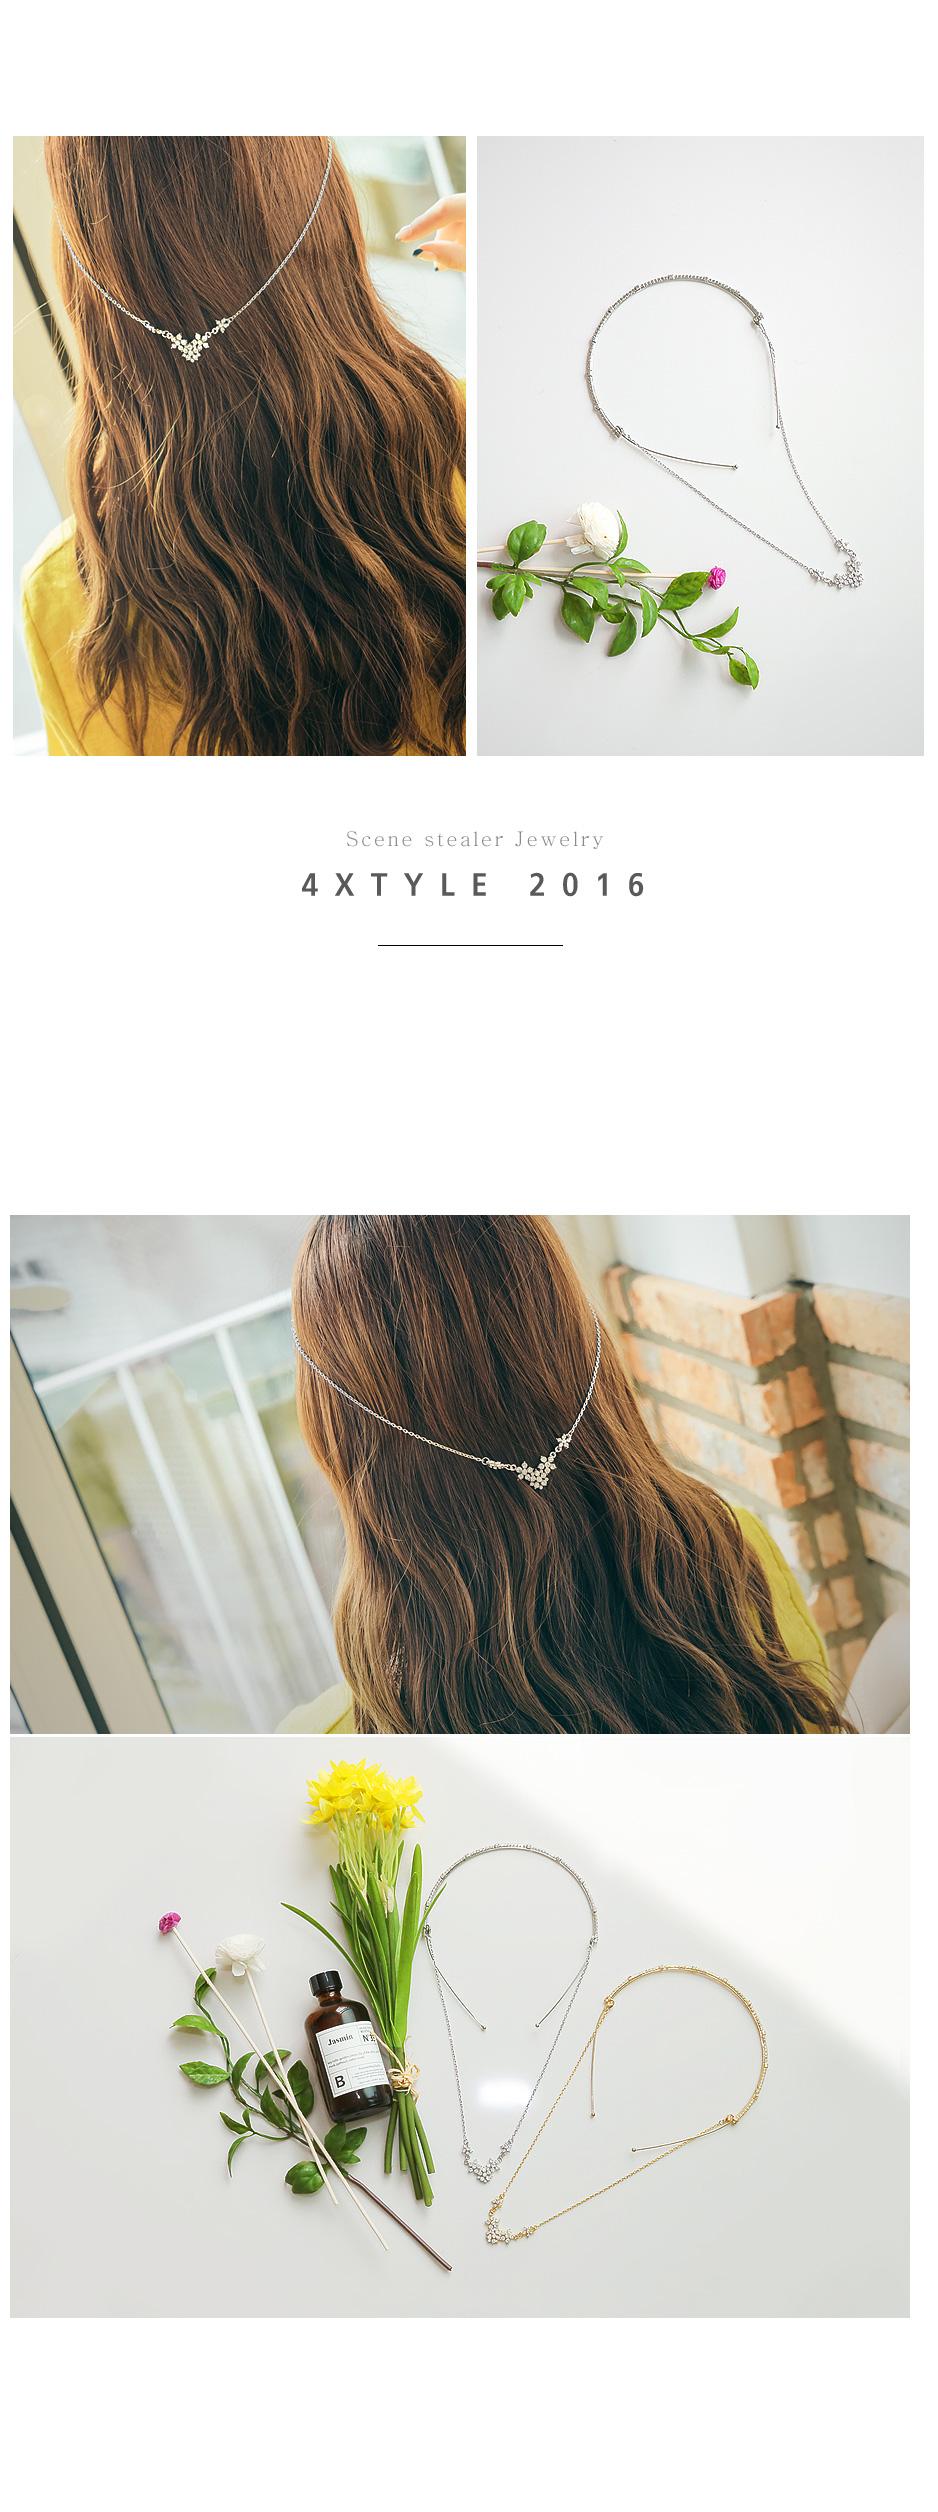 [ 4xtyle ] Sugar cubic back headband